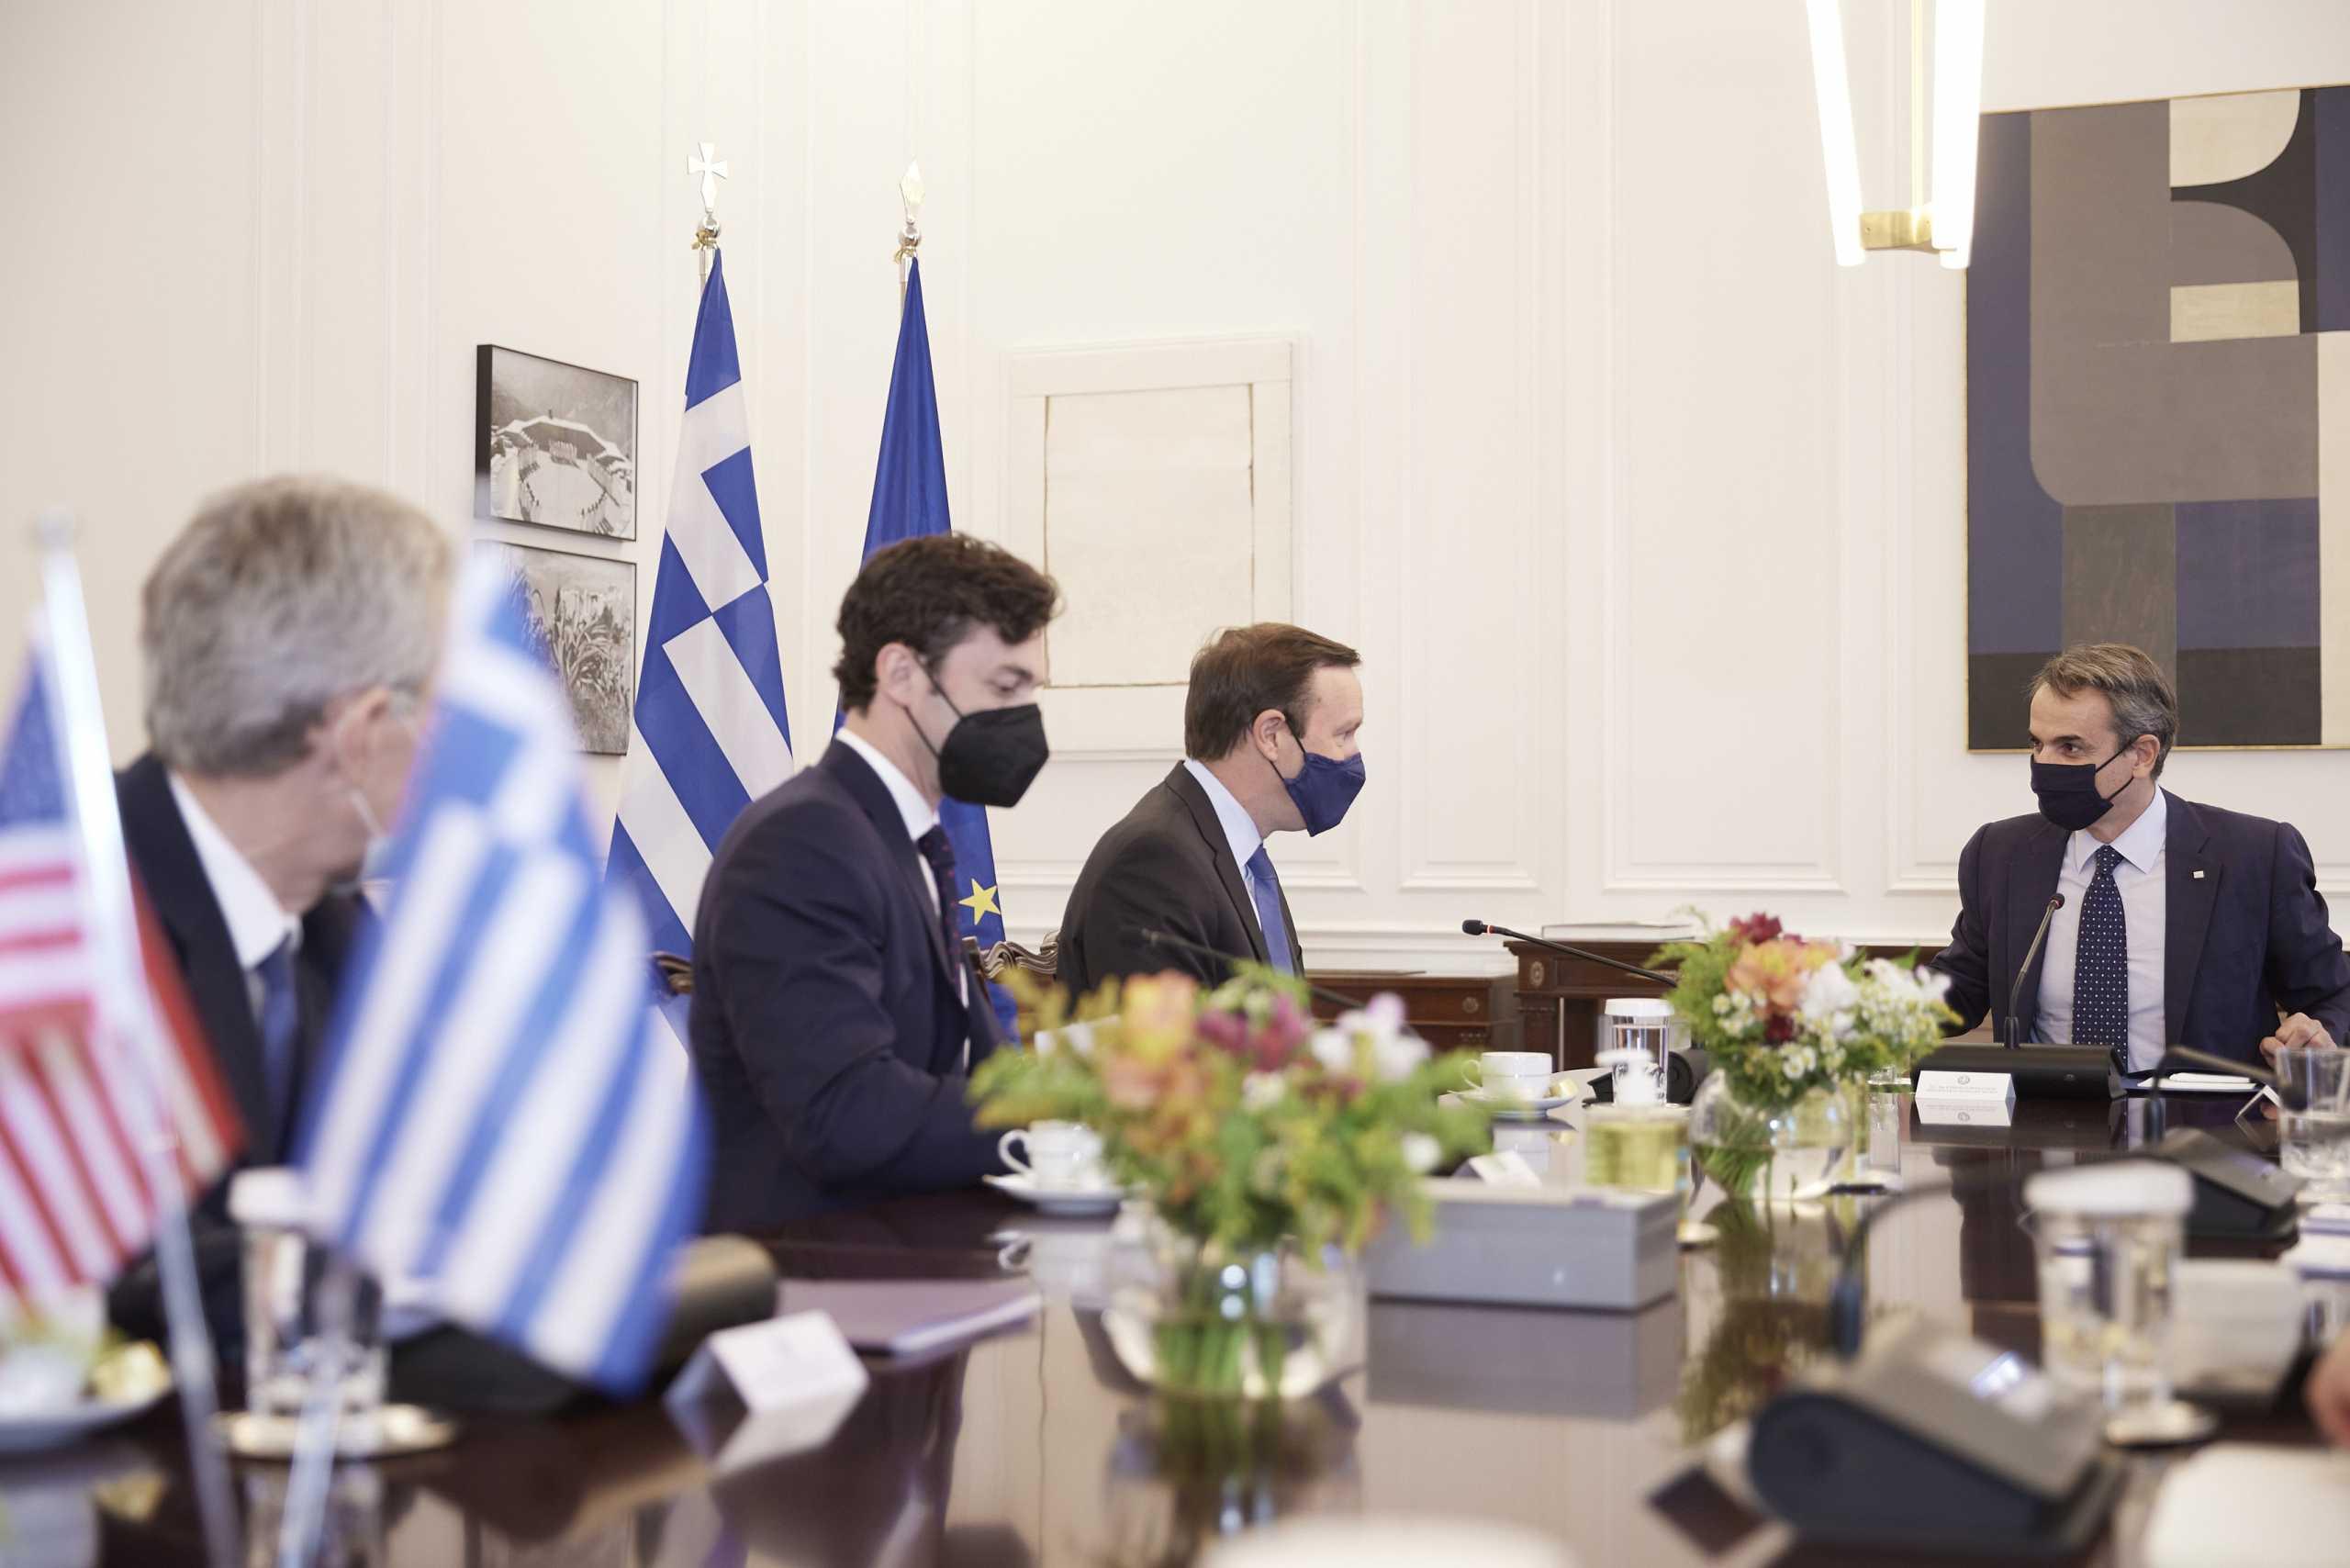 Κυριάκος Μητσοτάκης σε αμερικανούς γερουσιαστές: Δυνατή η σχέση Ελλάδας – ΗΠΑ